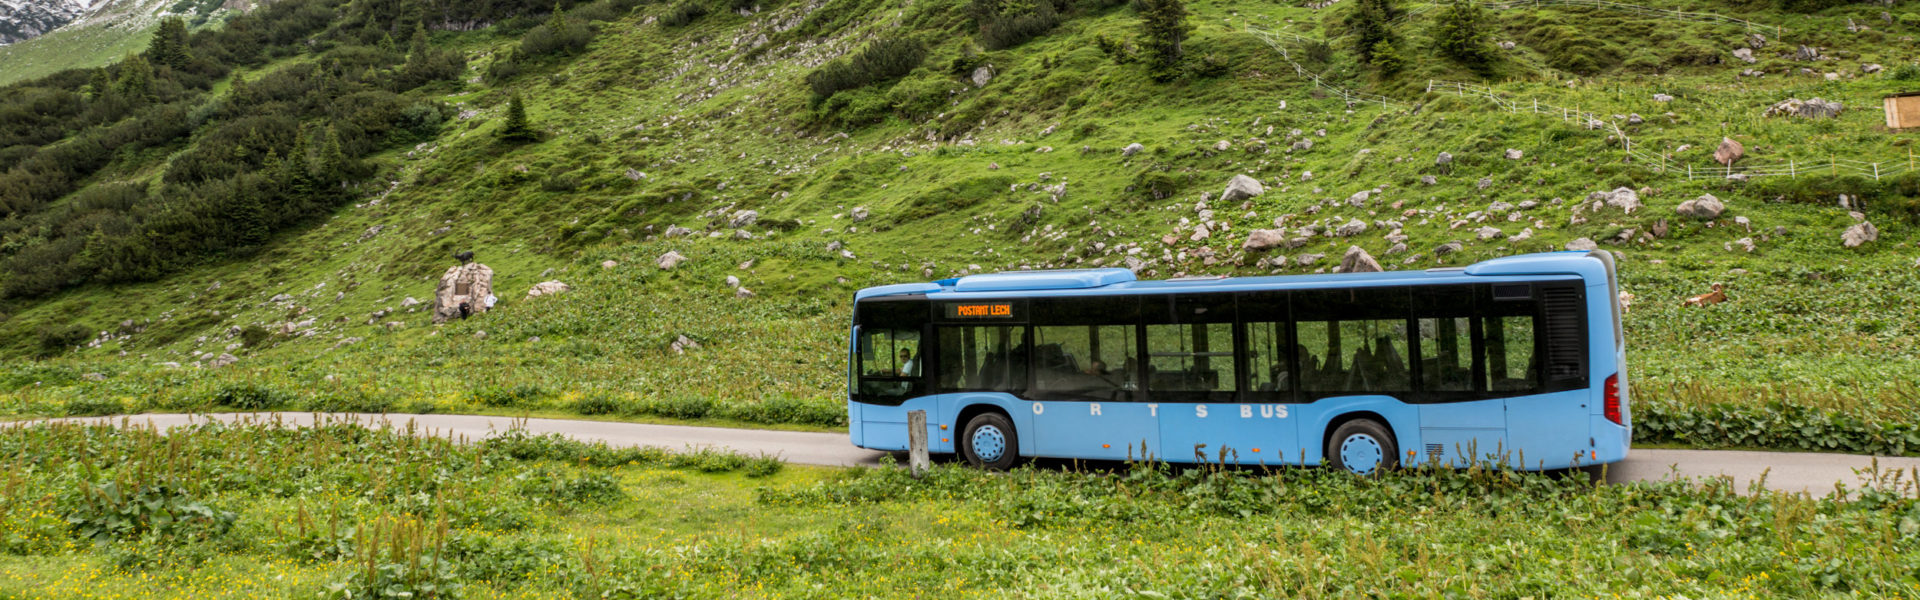 Formarinalpe, mit dem Bus nach Lech © Helmut Düringer / Vorarlberg Tourismus GmbH